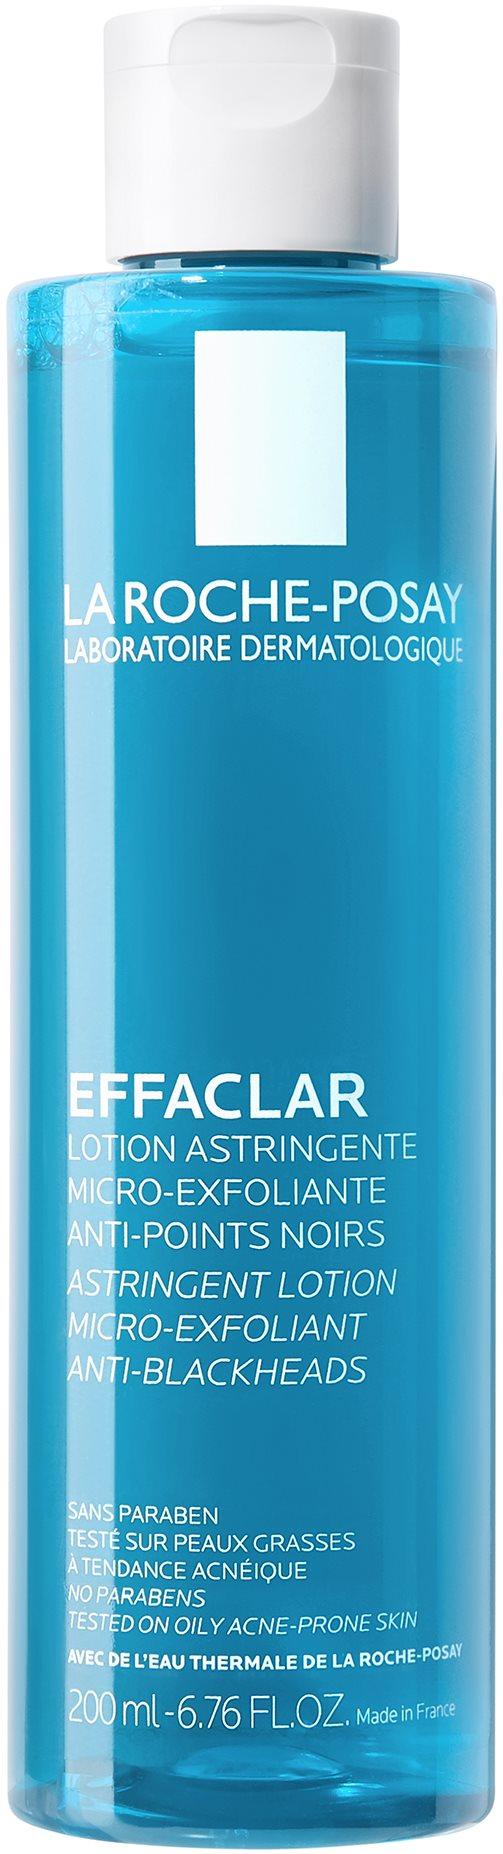 LA ROCHE-POSAY Effaclar Pórusösszehúzó Mikro-hámlasztó 200 ml